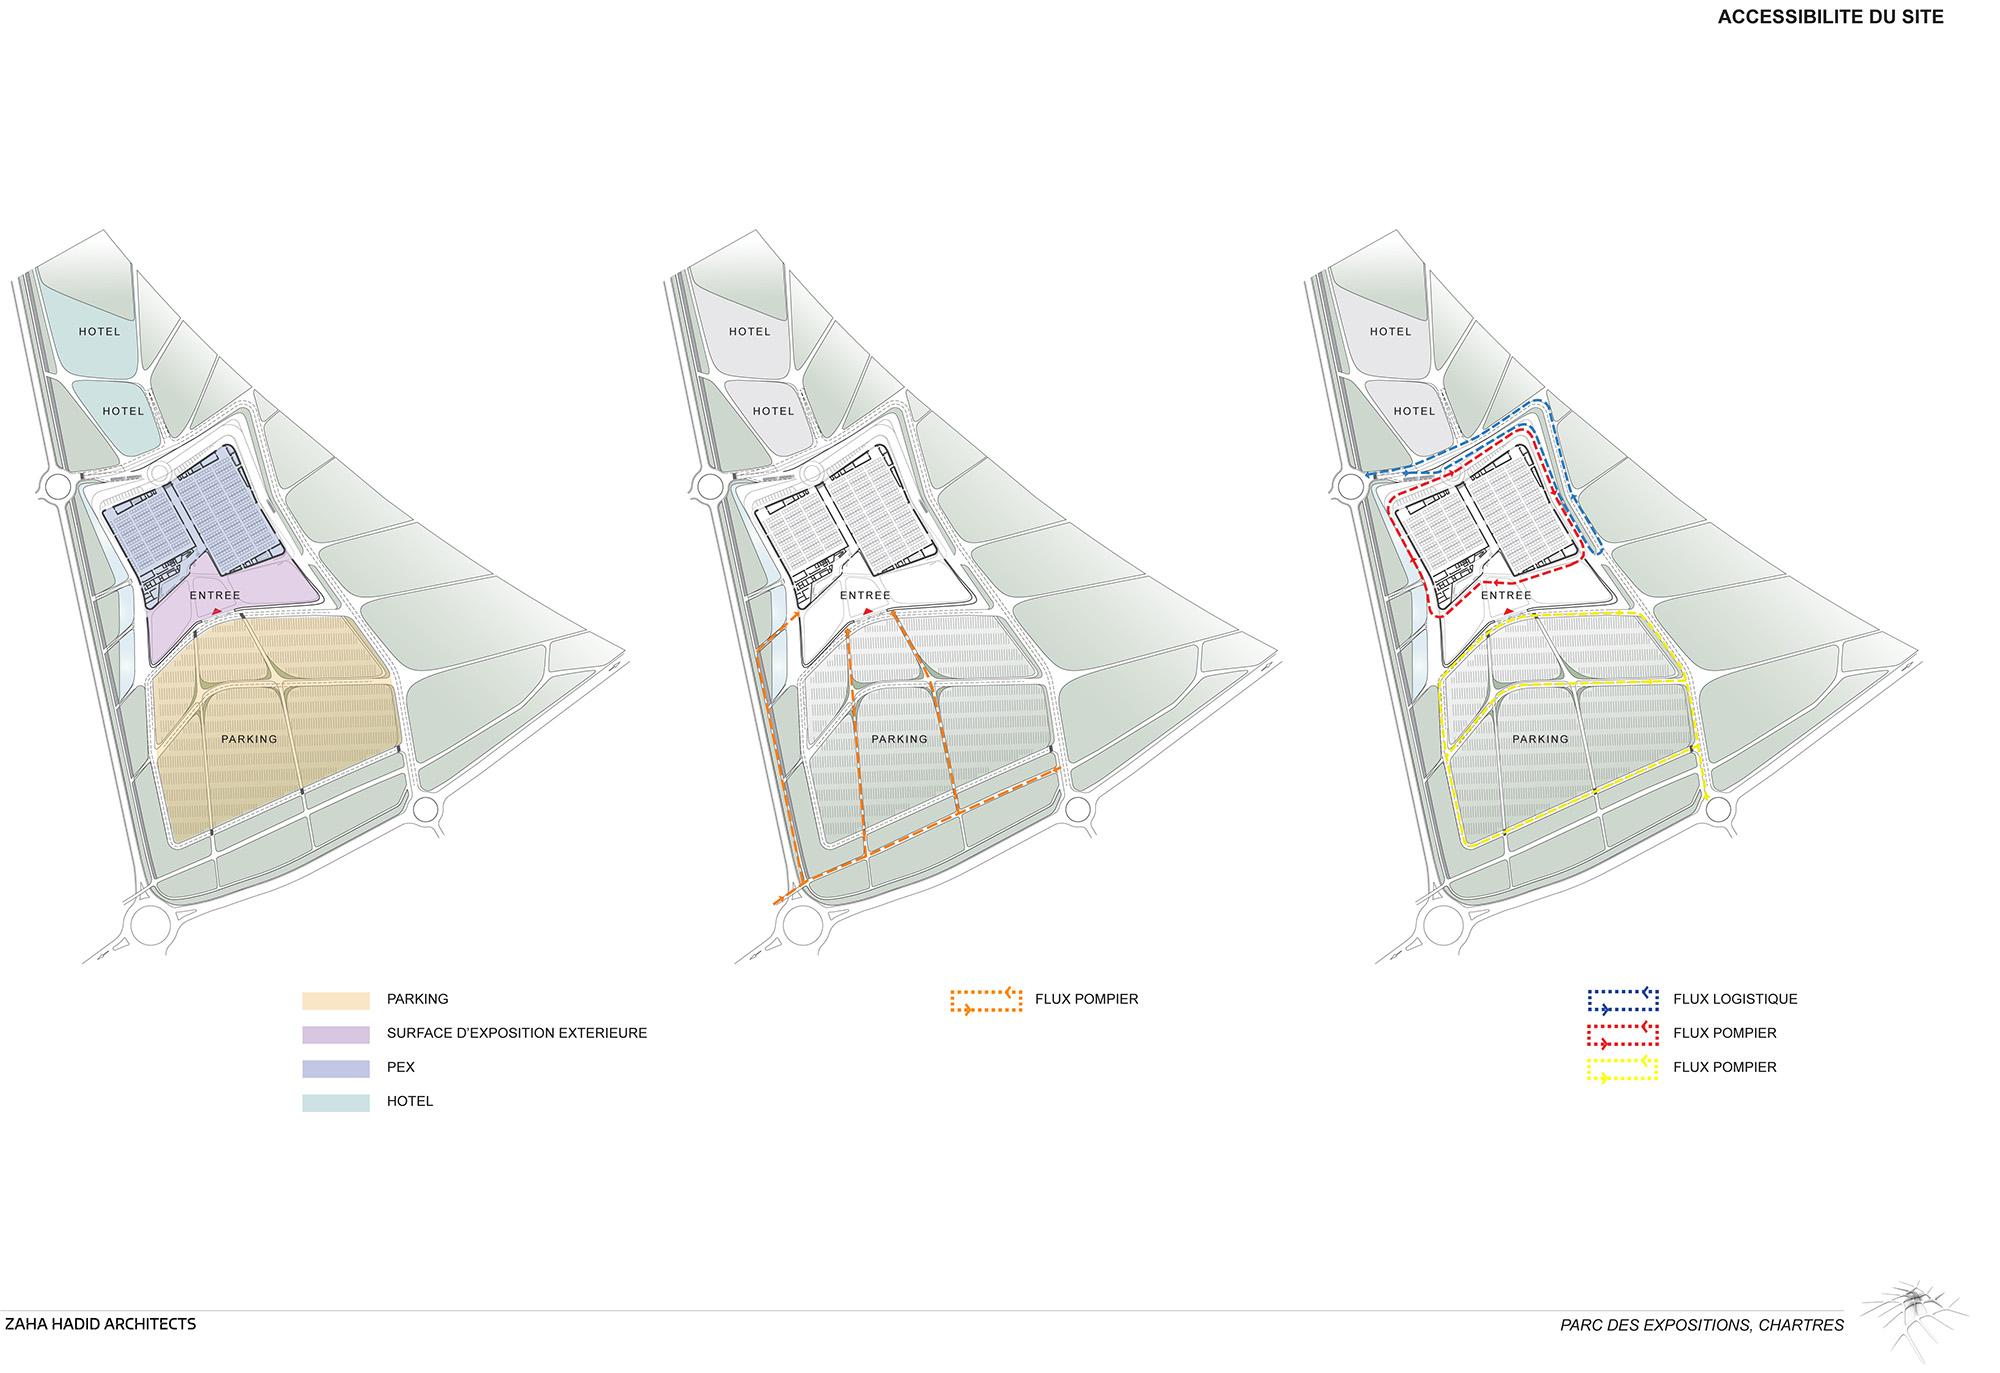 Perspective aérienne du parc des expositions de Chartres. Image de concours